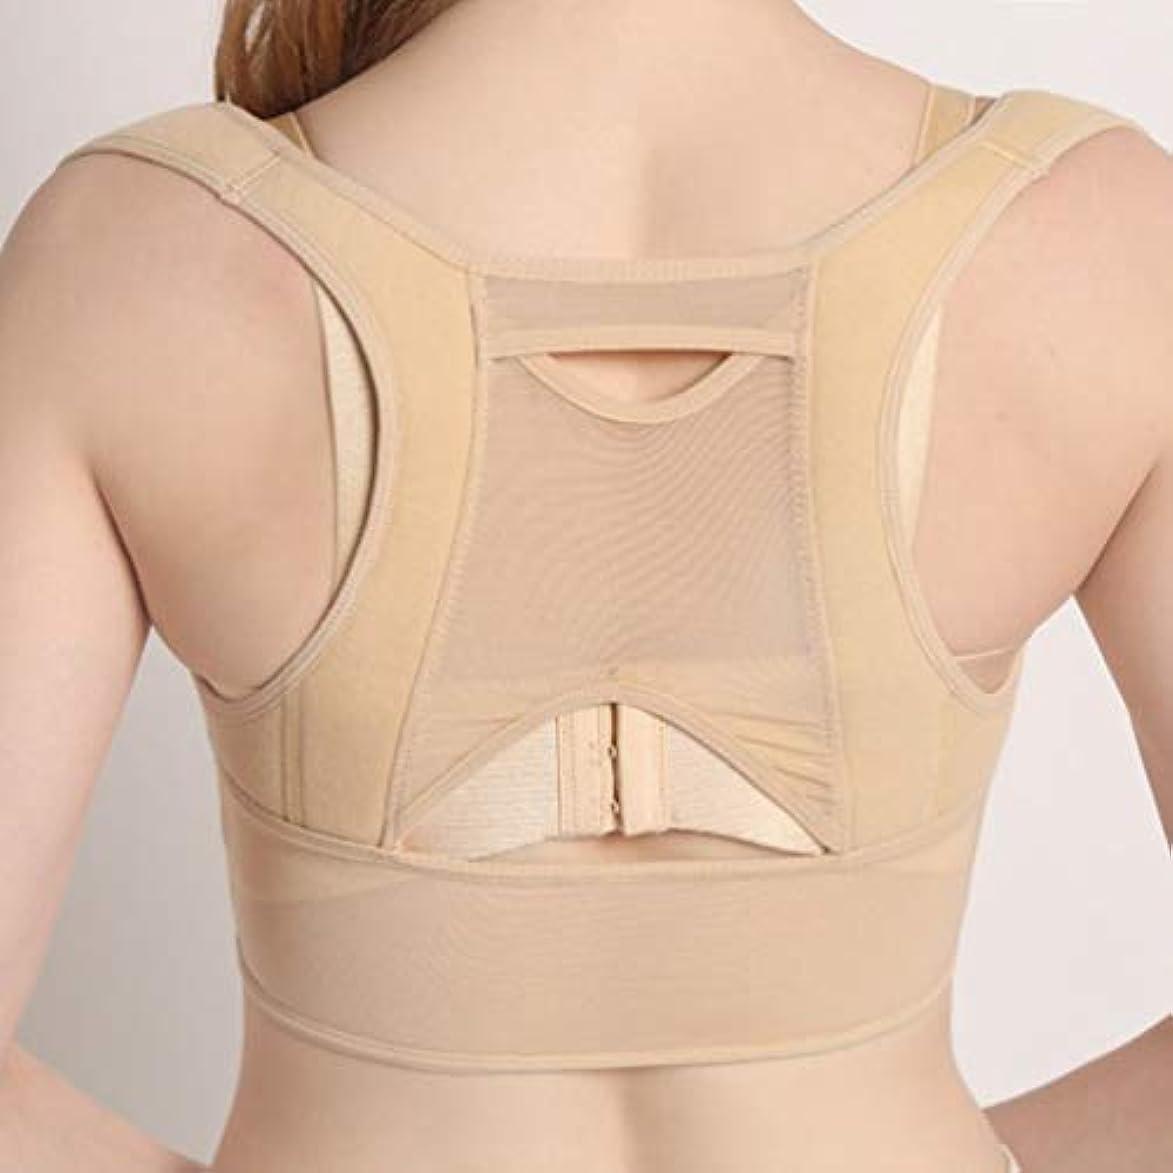 錆び文明化潤滑する通気性のある女性の背中の姿勢矯正コルセット整形外科の肩の背骨の姿勢矯正腰椎サポート - ベージュホワイトM